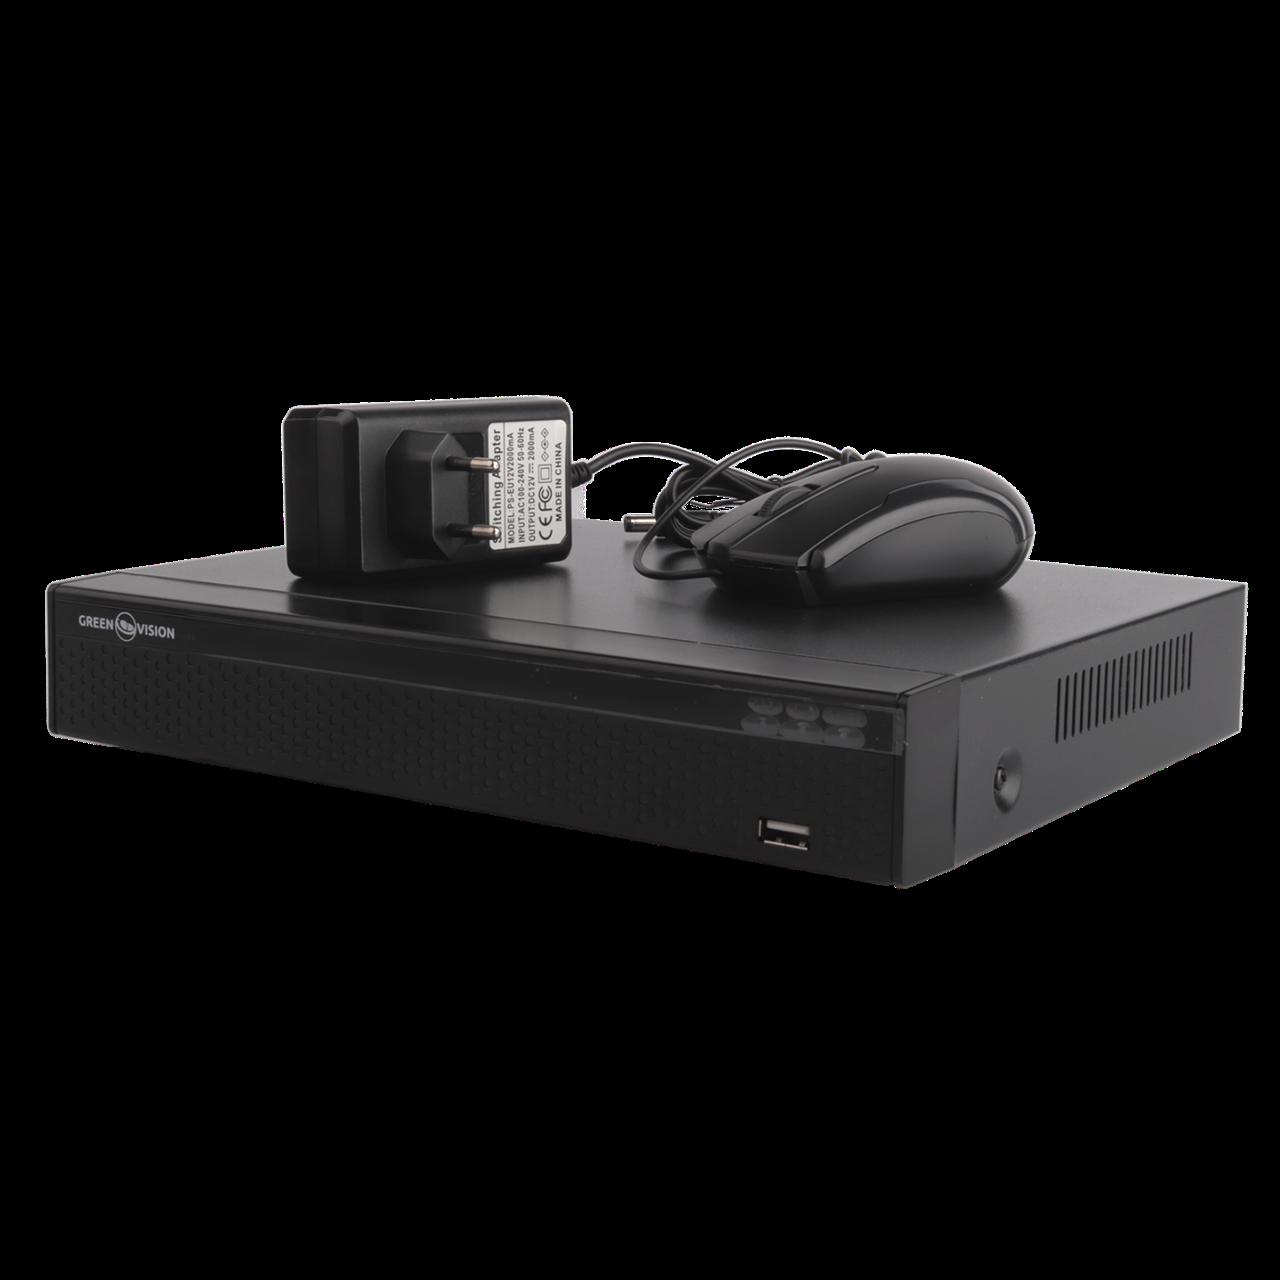 Відеореєстратор NVR для IP камер Green Vision GV-N-E004/9 1080p